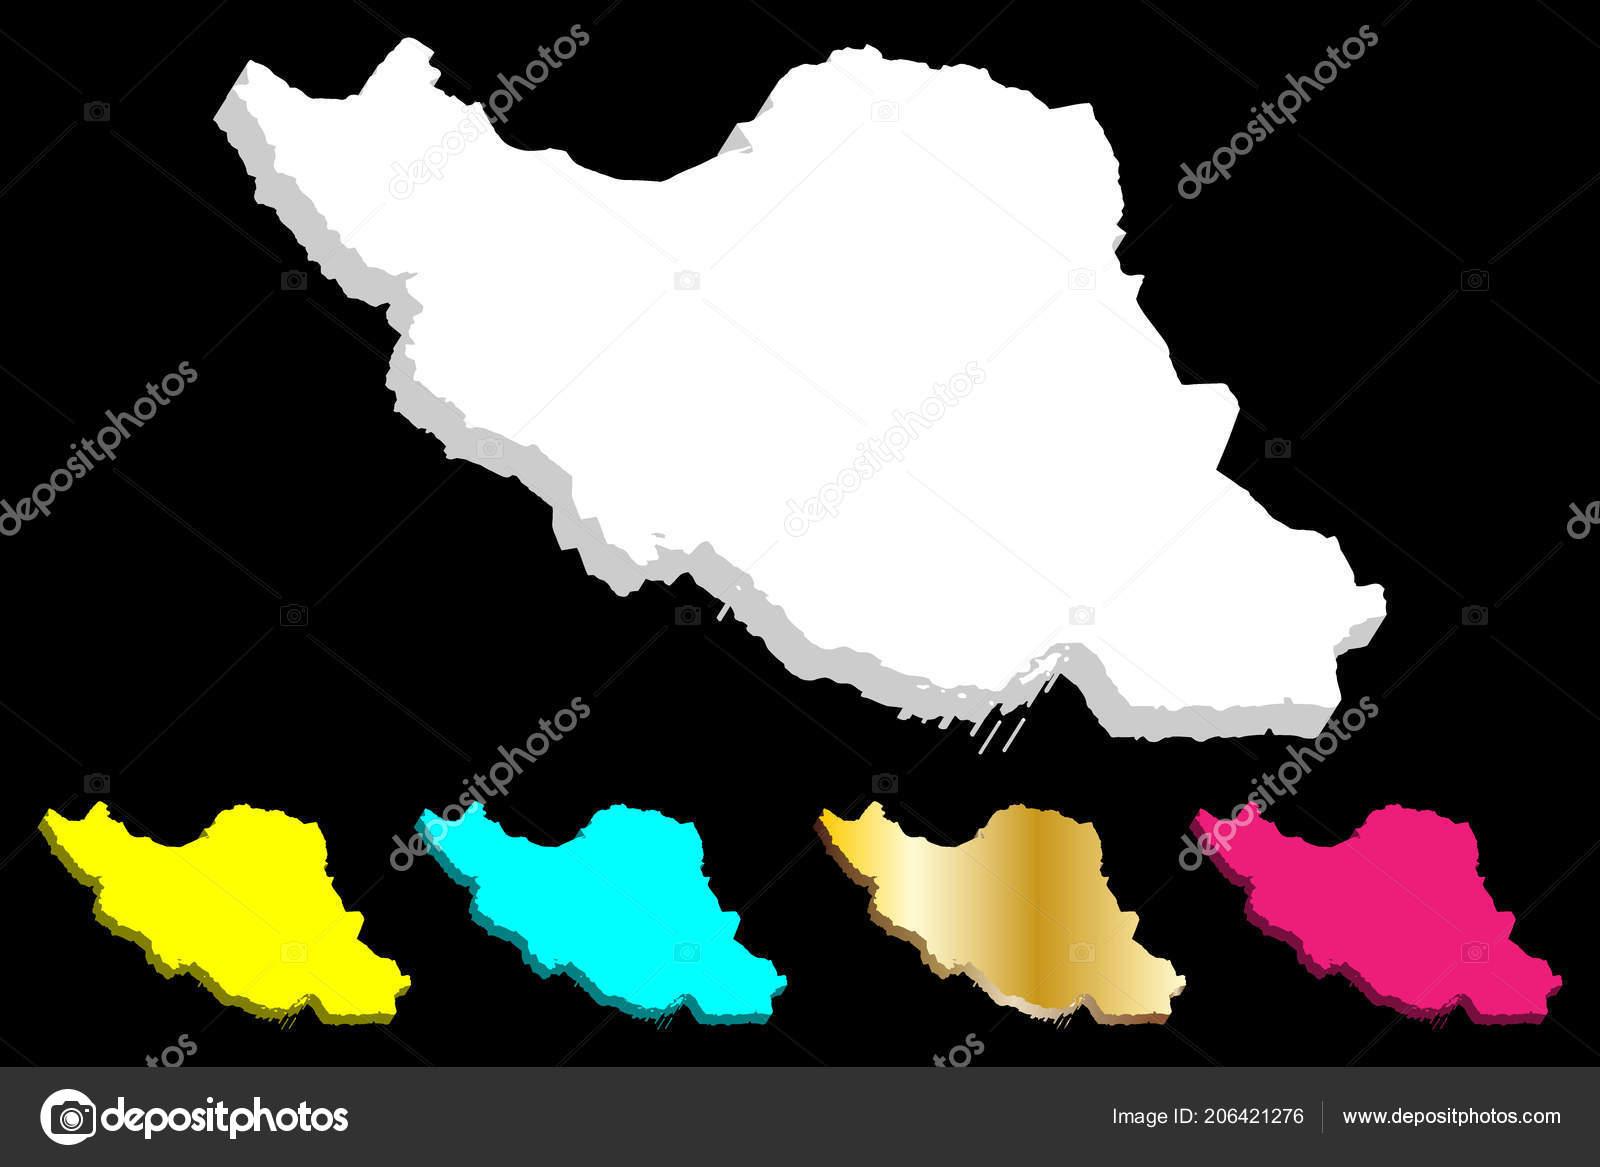 Persien Karte.Karte Des Iran Islamische Republik Iran Persien Weiß Gelb Lila